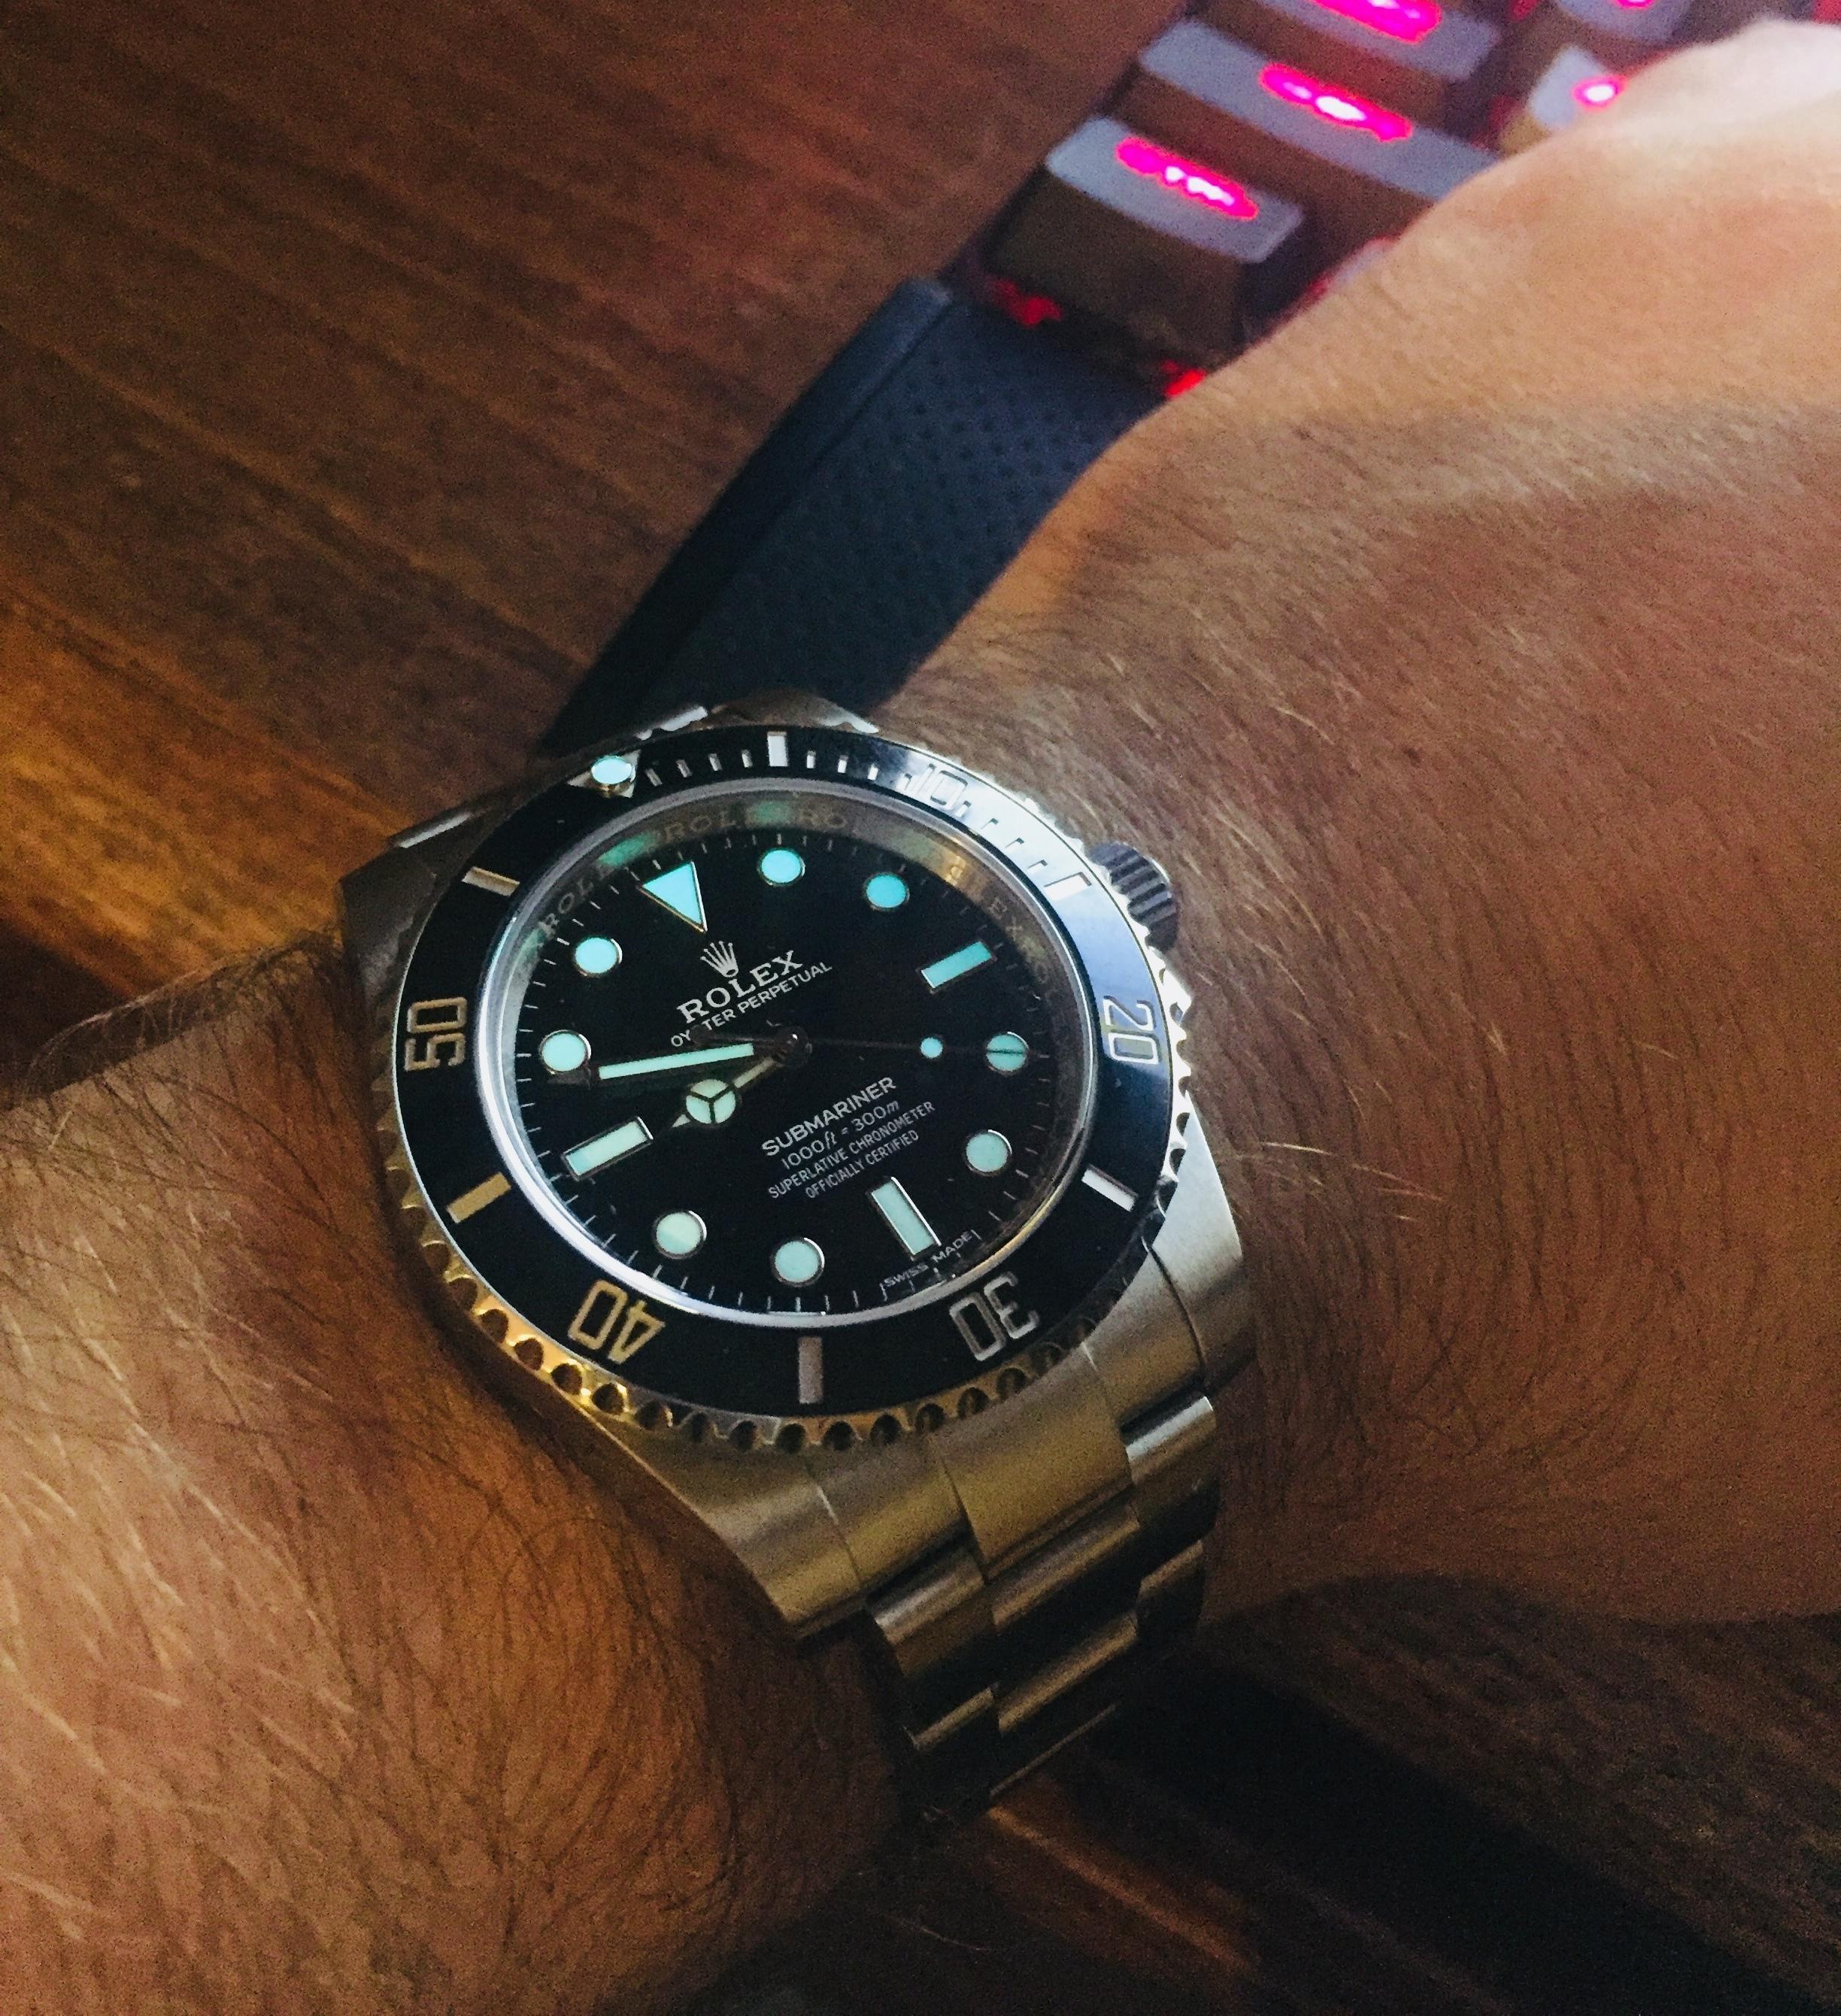 Rolex Submariner No Date My First I Mean Second Luxury Watch Http Ift Tt 2hvqkf1 Rolex Submariner No Date Rolex Submariner Rolex